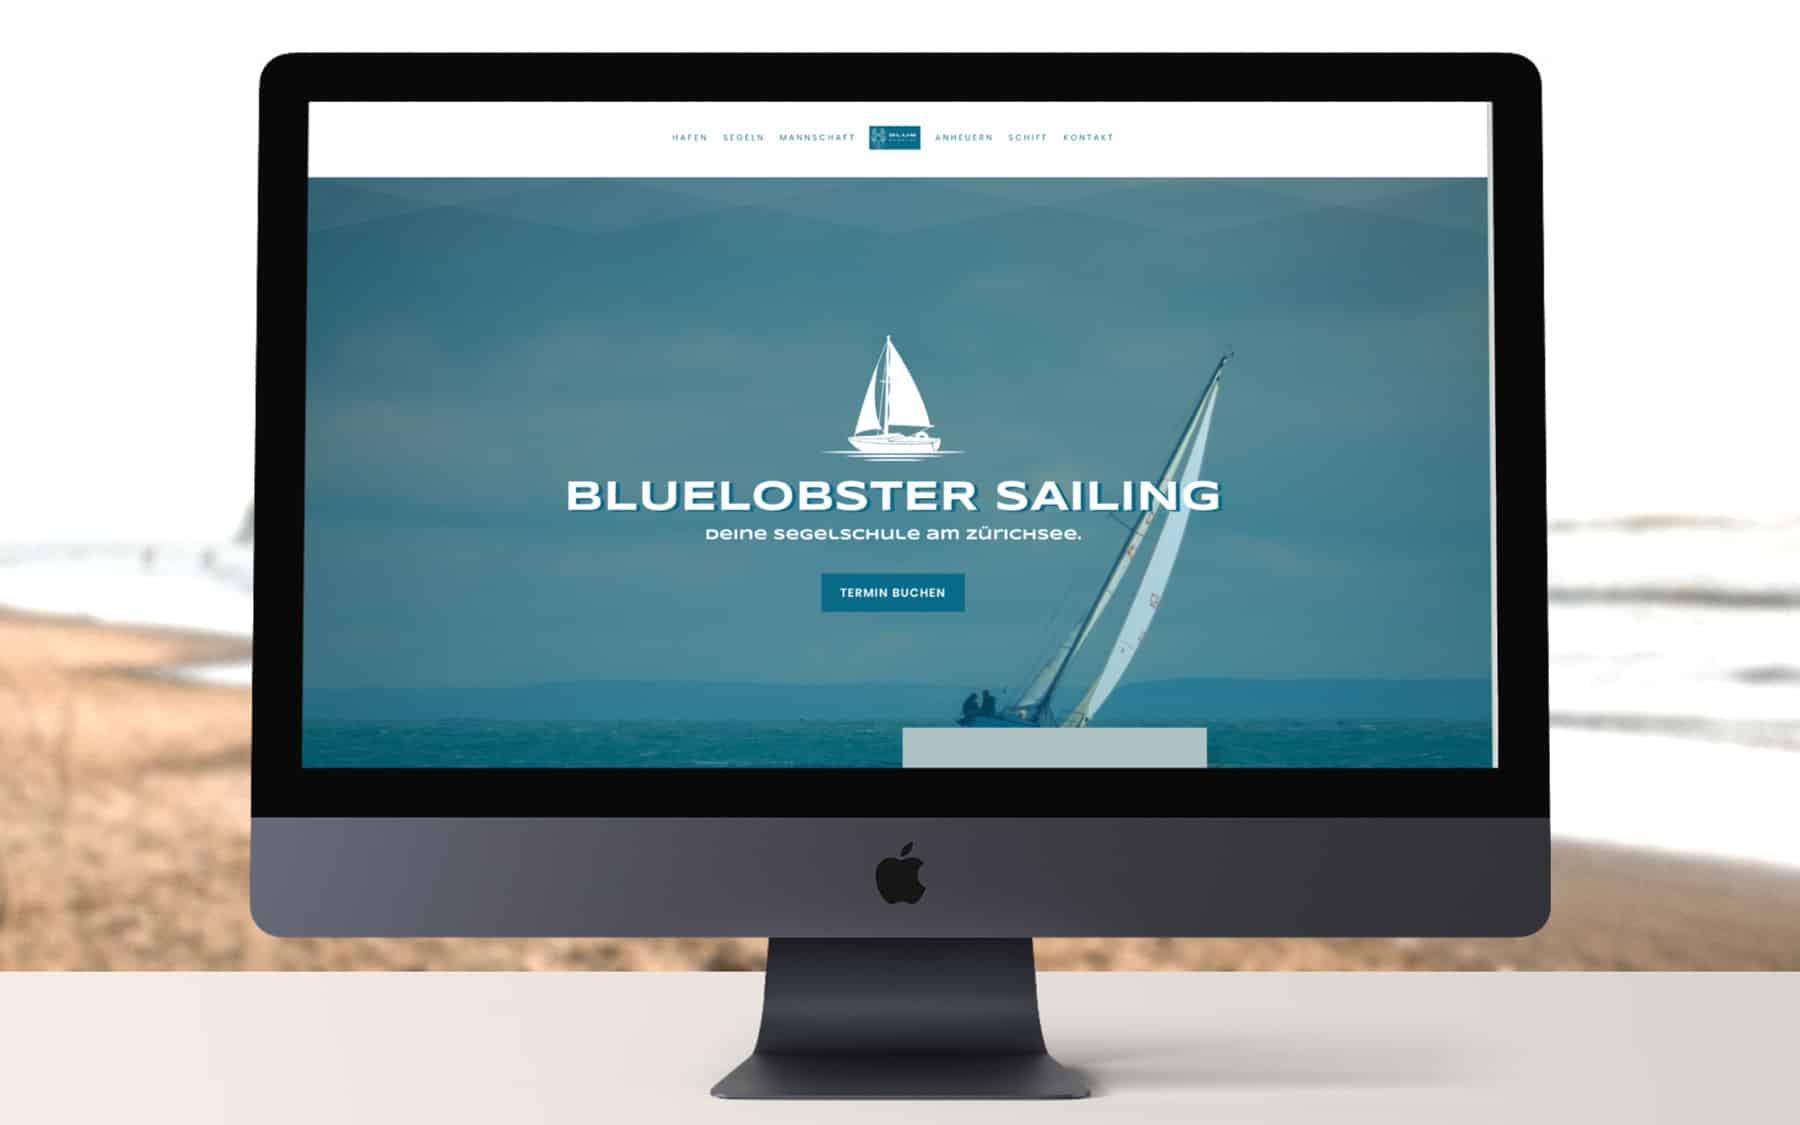 hilledesign-portfolio-webdesign-bluelobster02